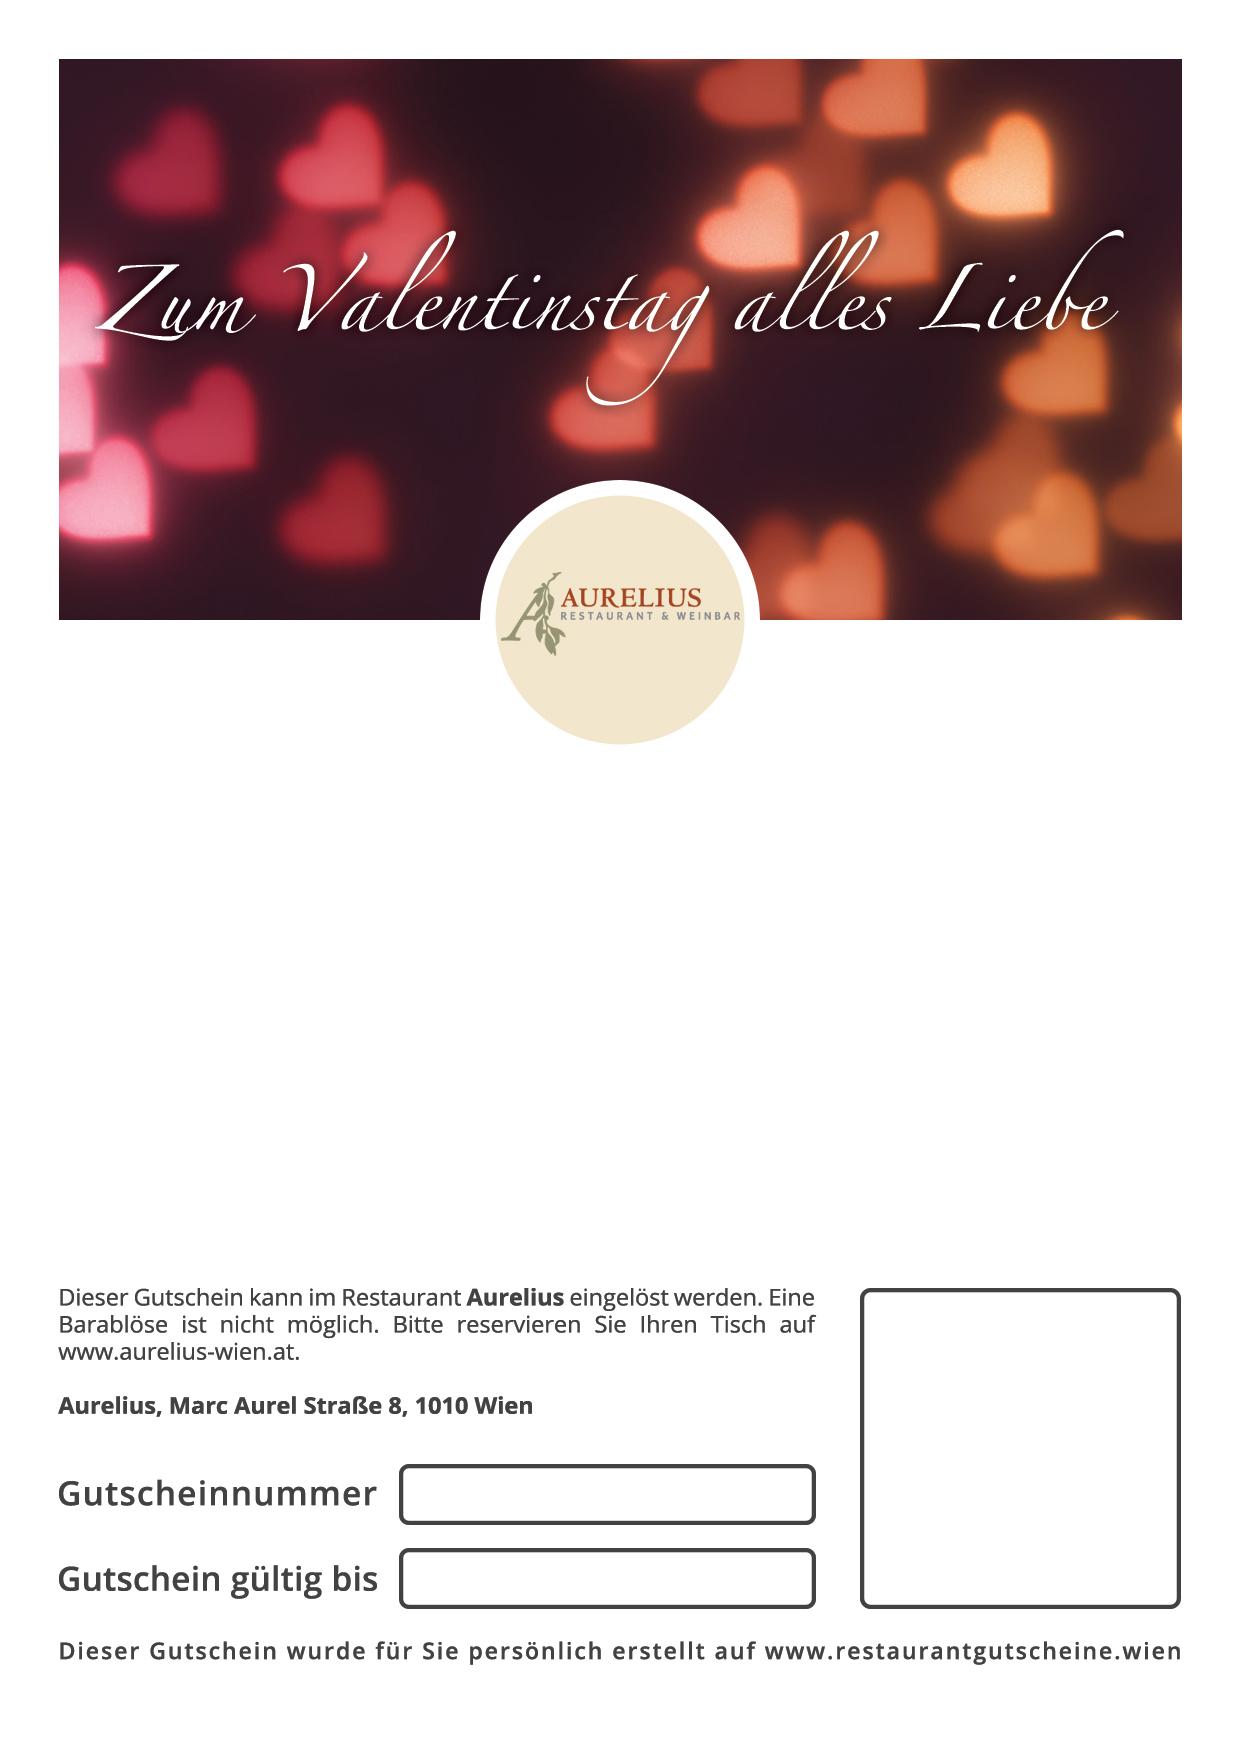 Aurelius   Gutscheine Zum Valentinstag Schenken   Restaurant Gutscheine Wien